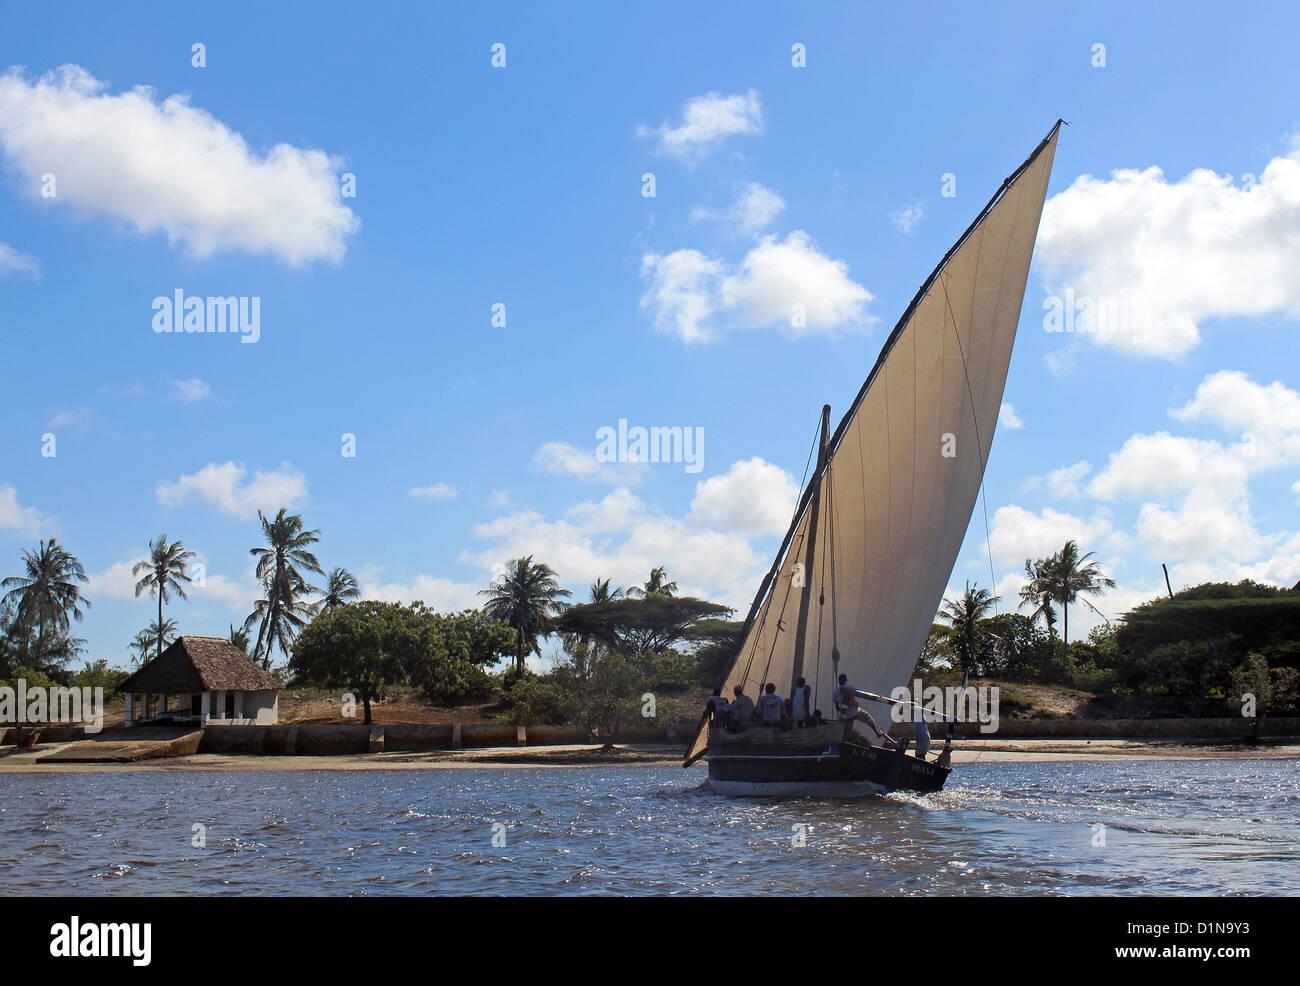 Sailing boat on Lamu Archipelago, Lamu Island, Kenya, East Africa - Stock Image